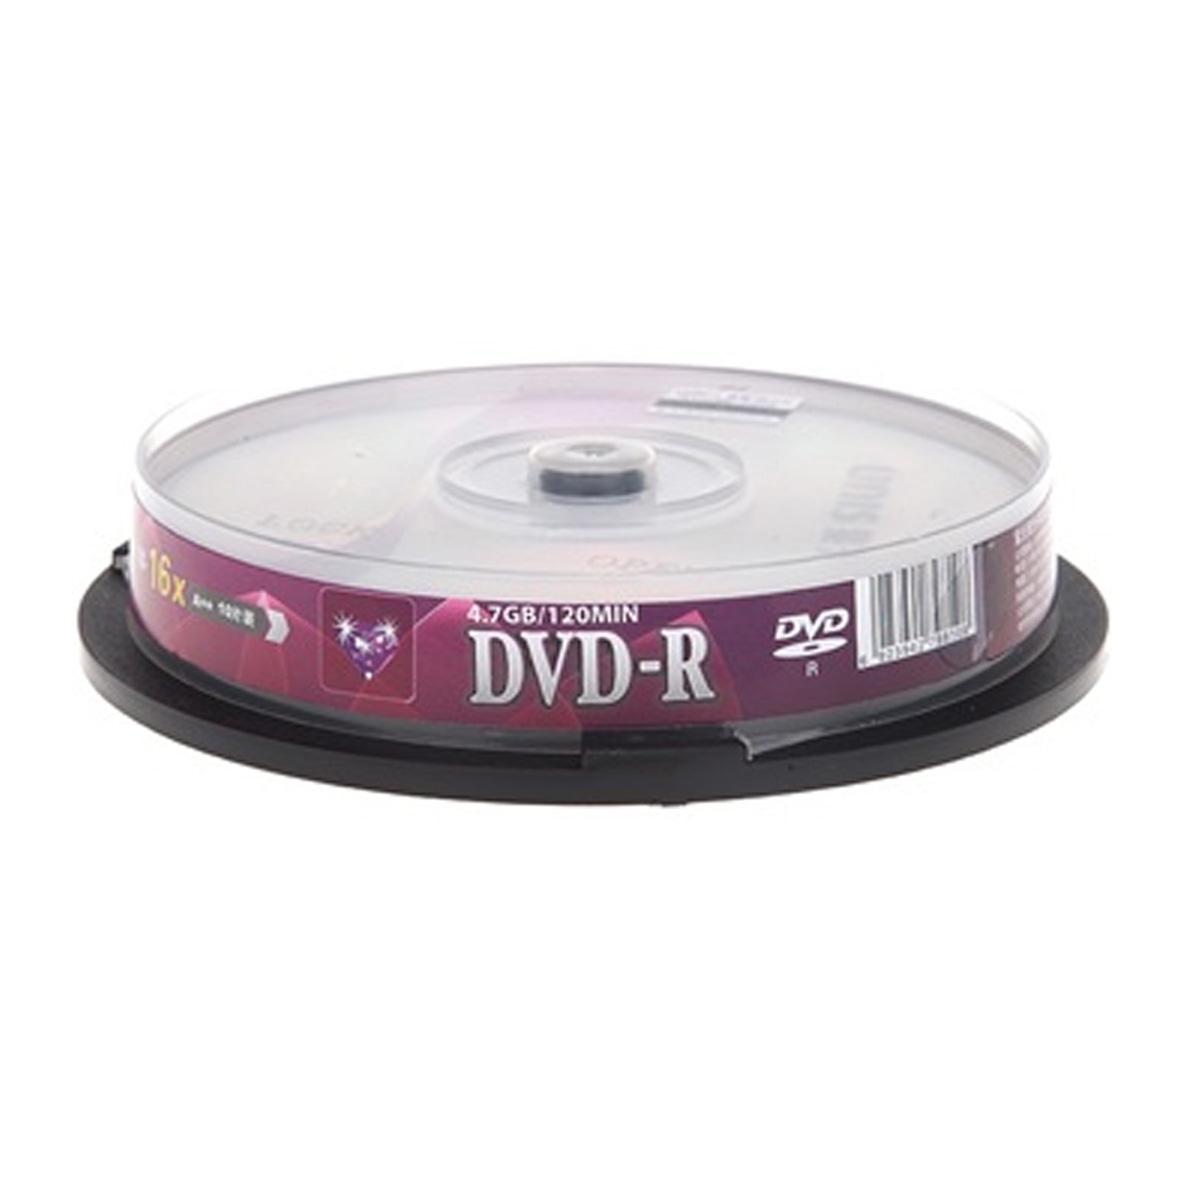 UNIS紫光钻石系列 DVD刻录盘DVD-R4.7G 16X 空白光盘光碟10片